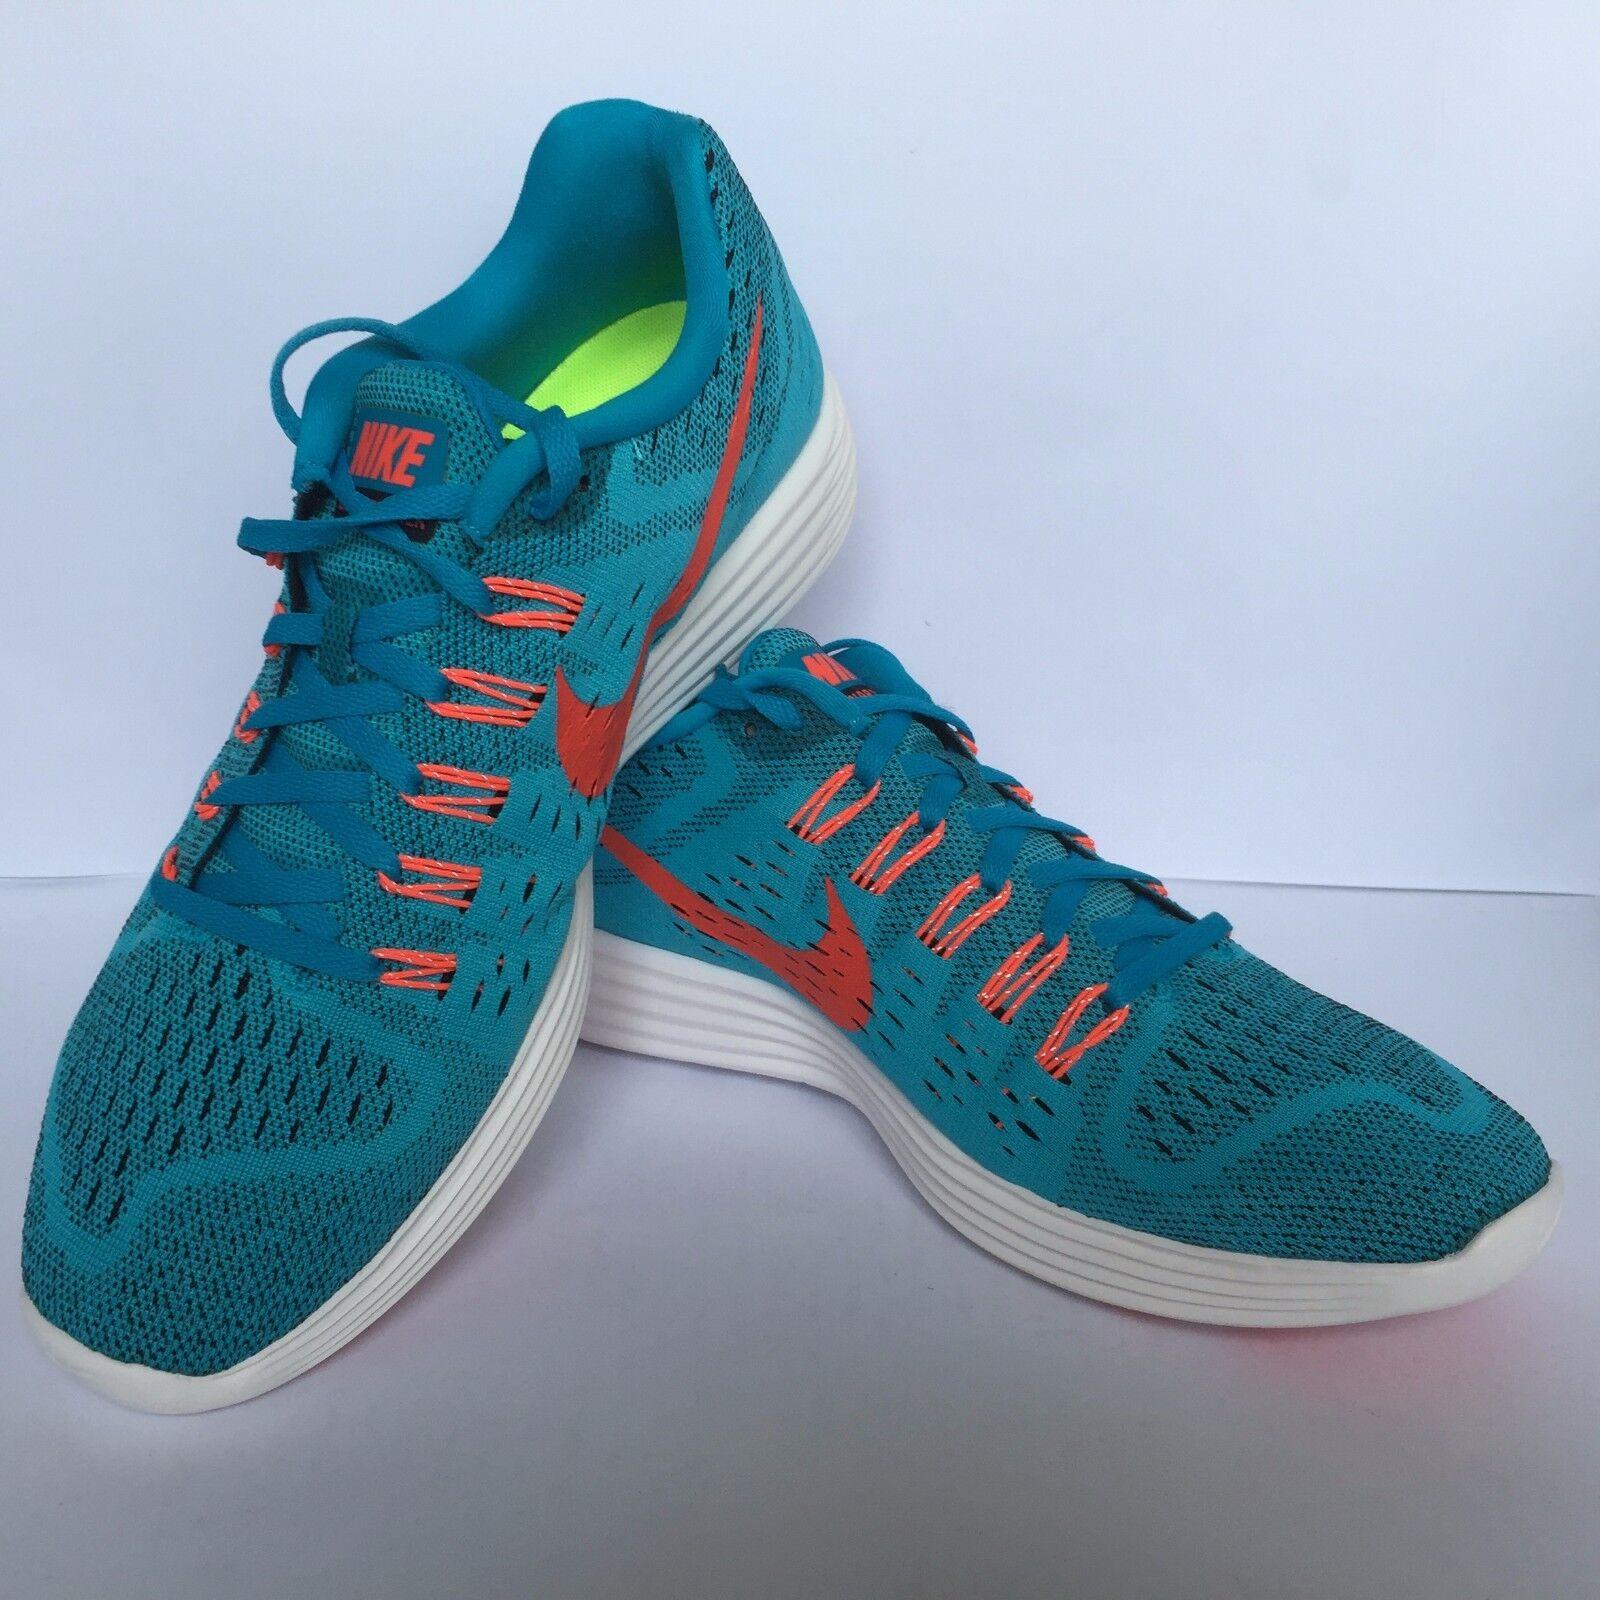 Nike Lunar tempo Da Uomo Scarpe Da Corsa Blu Rrp  Affare .99 Scarpe classiche da uomo